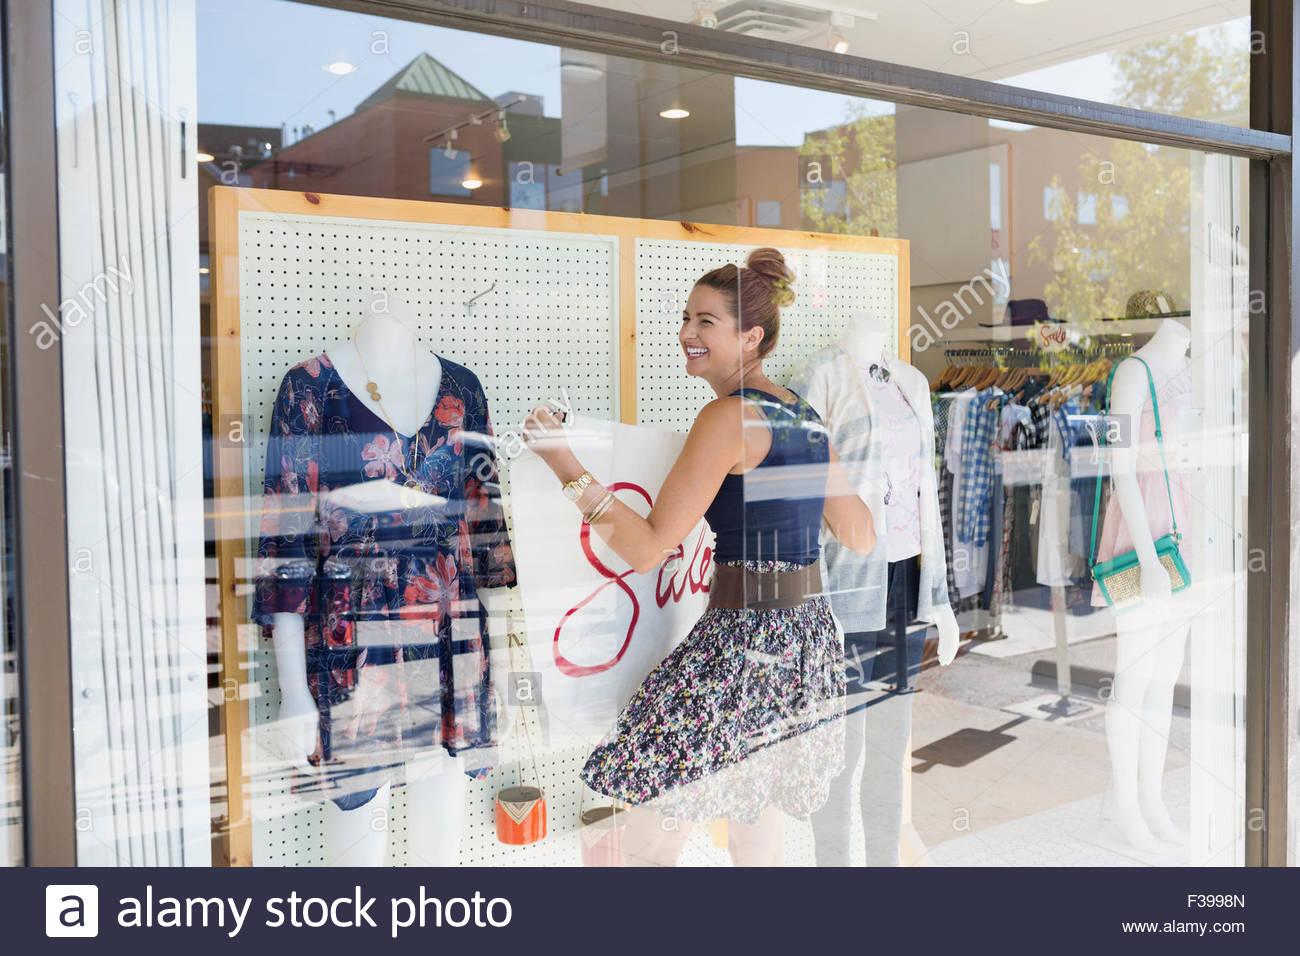 Lavoratore sorridente appendere vendita segno negozio di abbigliamento finestra Immagini Stock